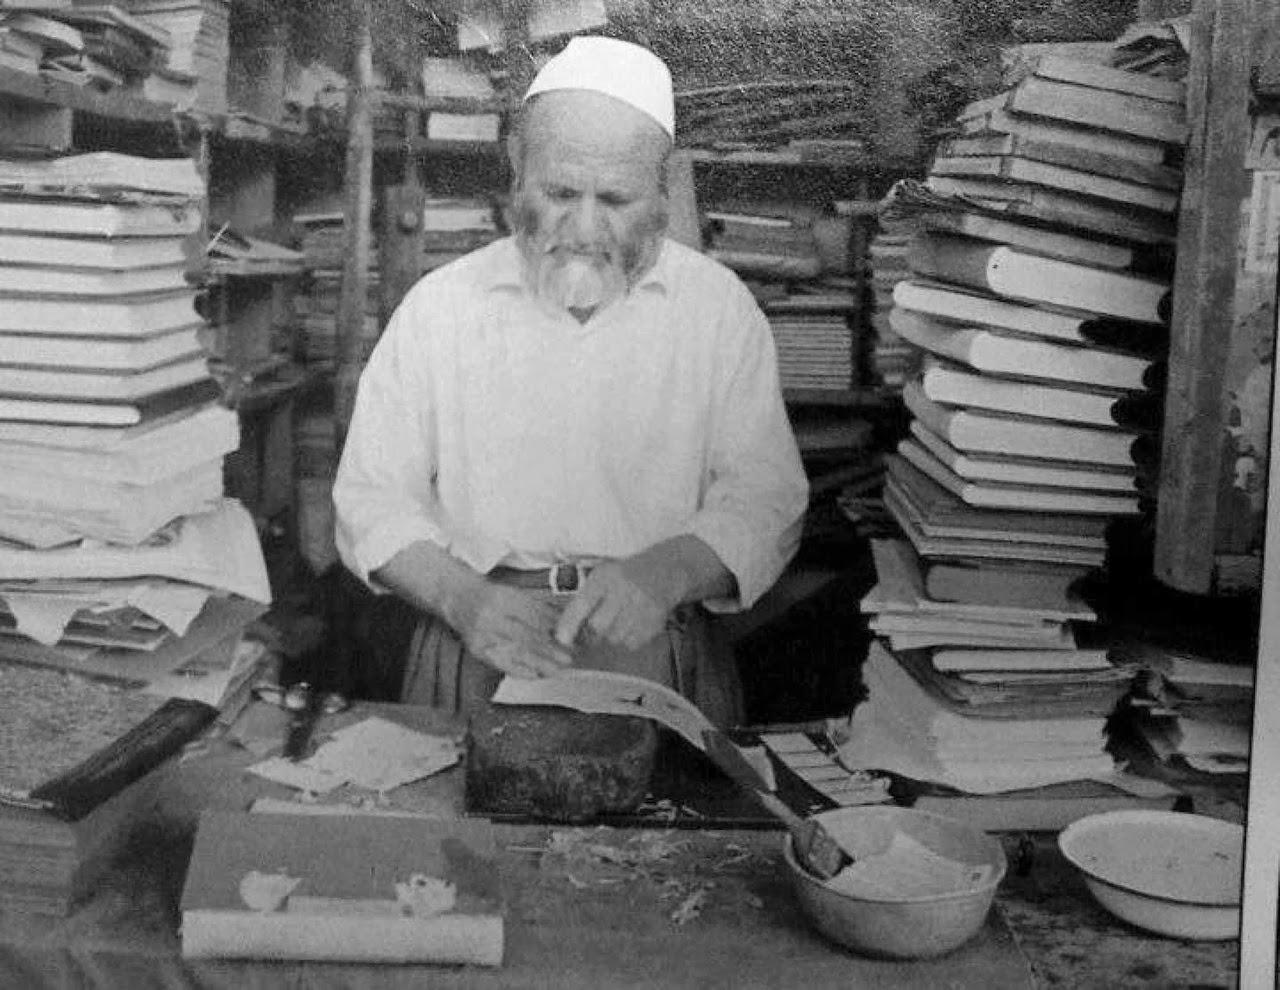 শায়খ আলবানী (রহ:) -এর বৈচিত্র্যময় জীবনের কিছু স্মৃতি